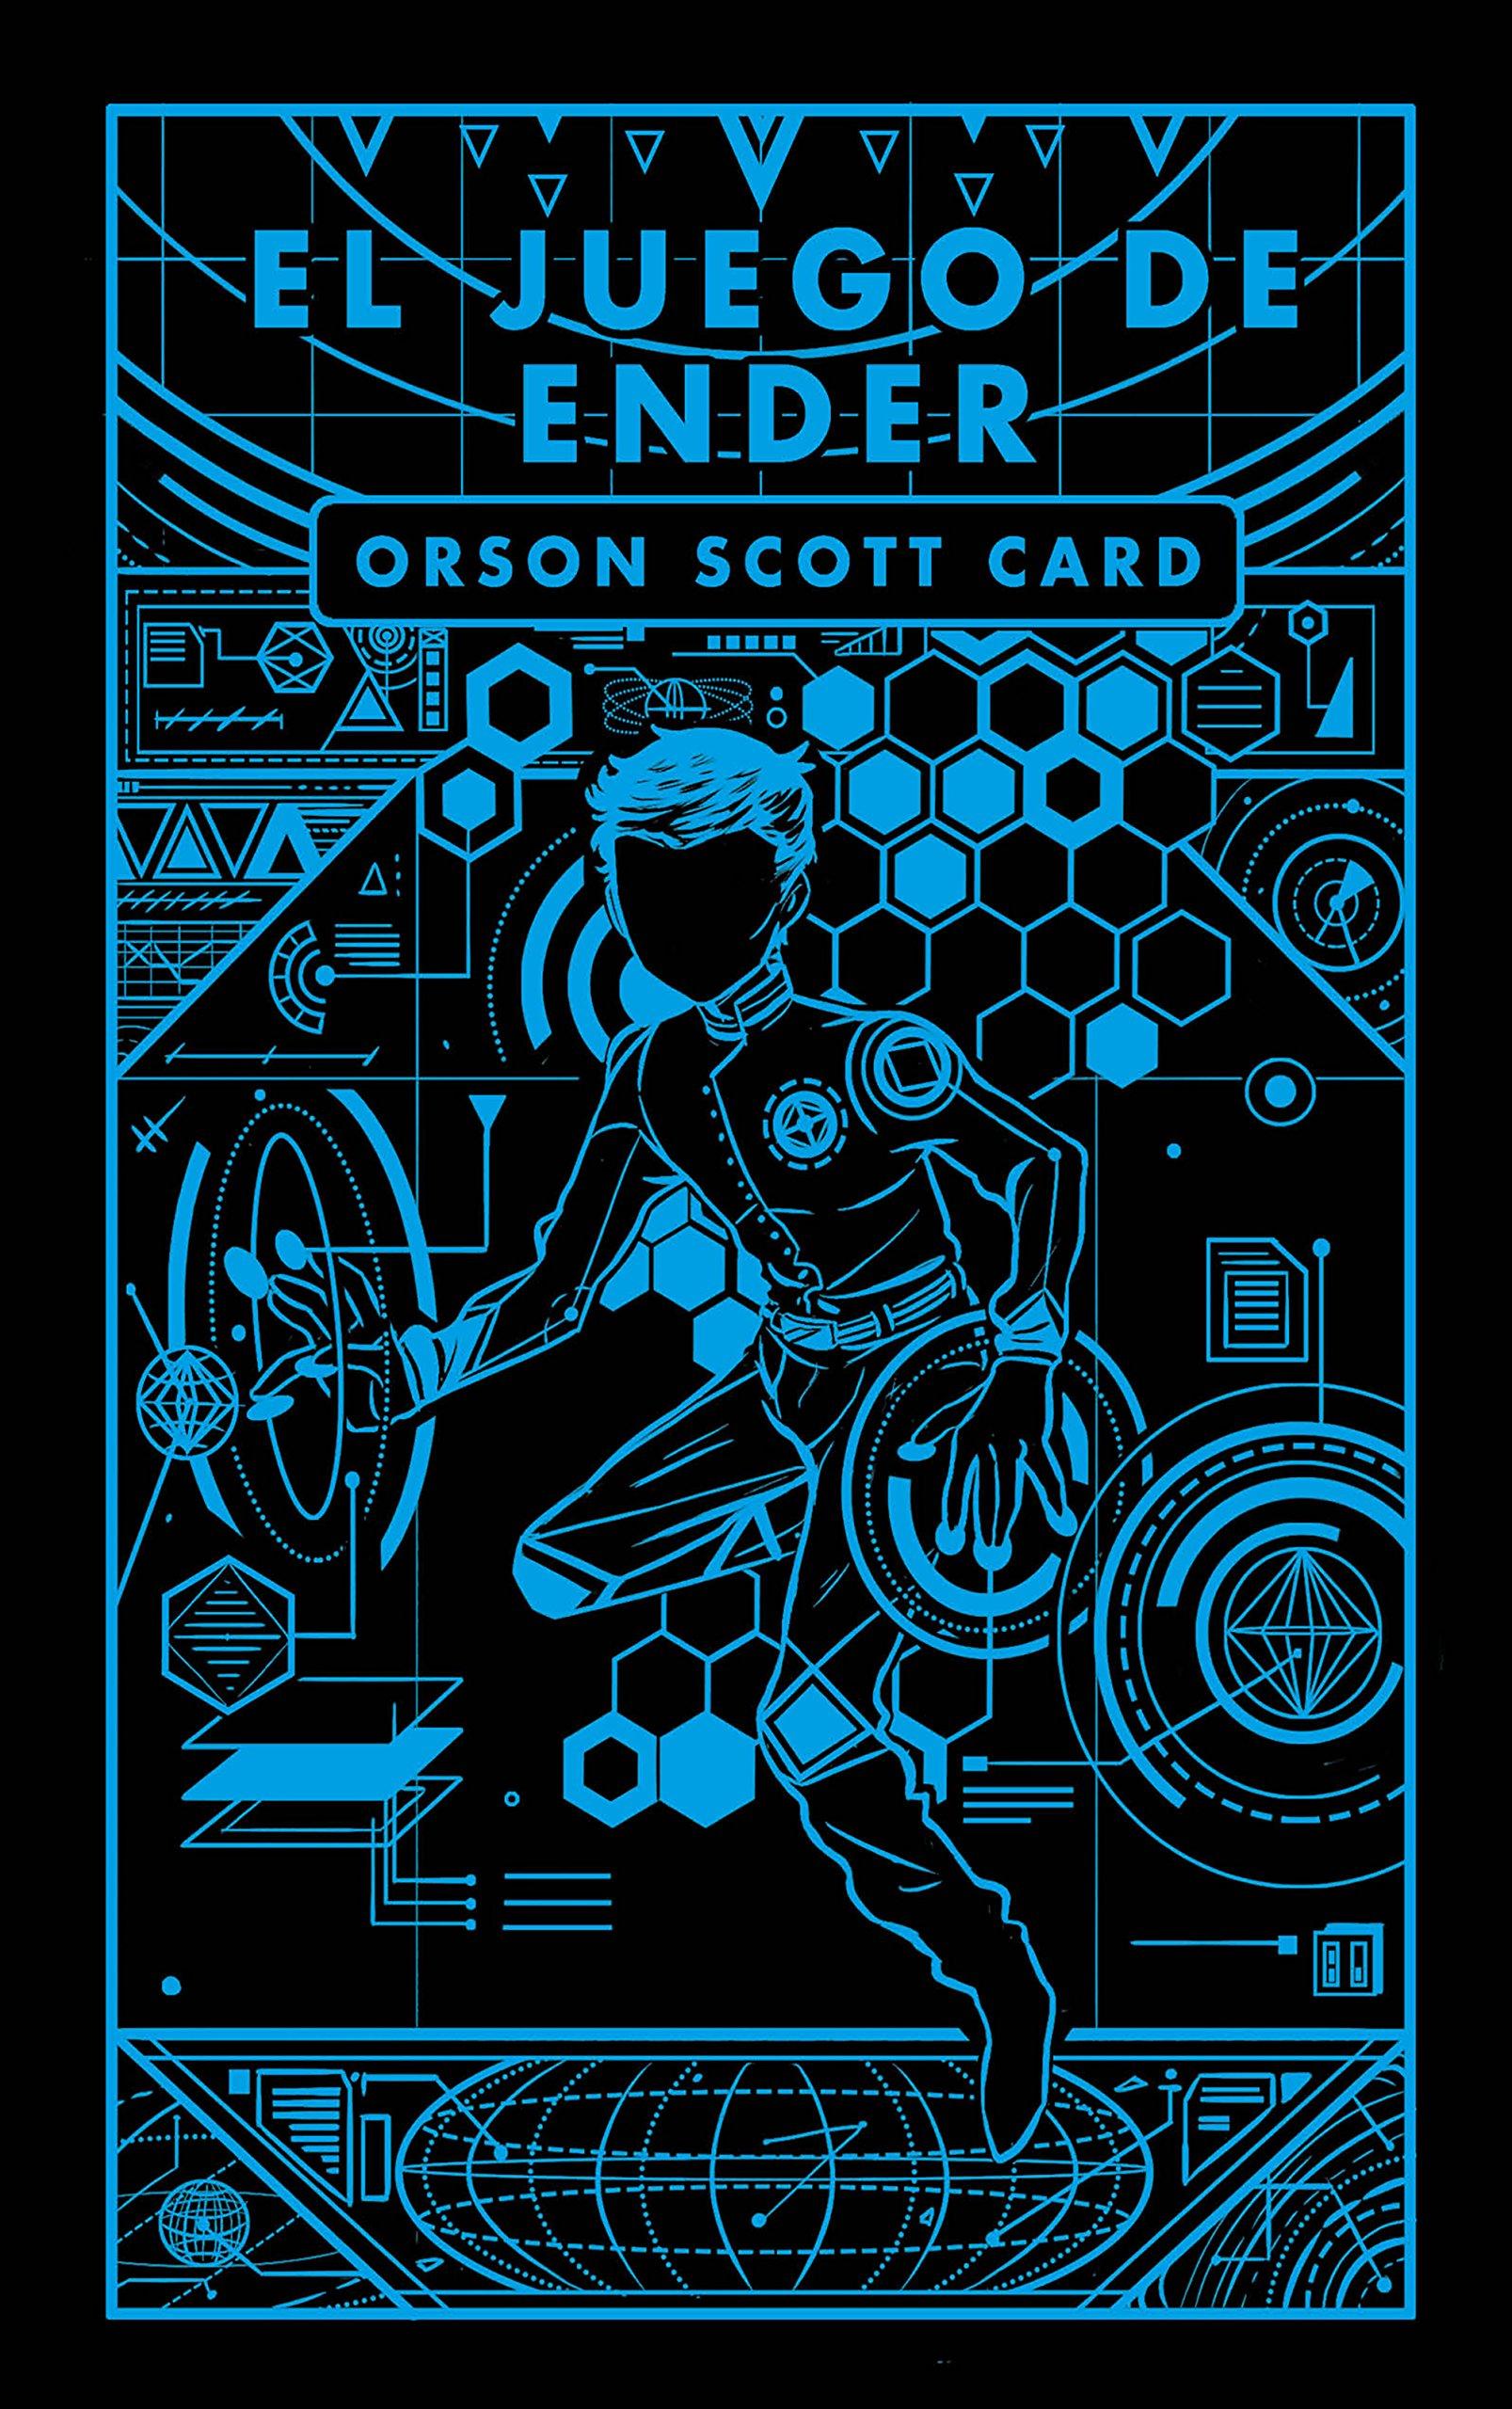 El juego de Ender (Saga de Ender 1) (Sin límites) Tapa dura – 3 jul 2018 Orson Scott Card ALFAGUARA 8420434191 Science fiction